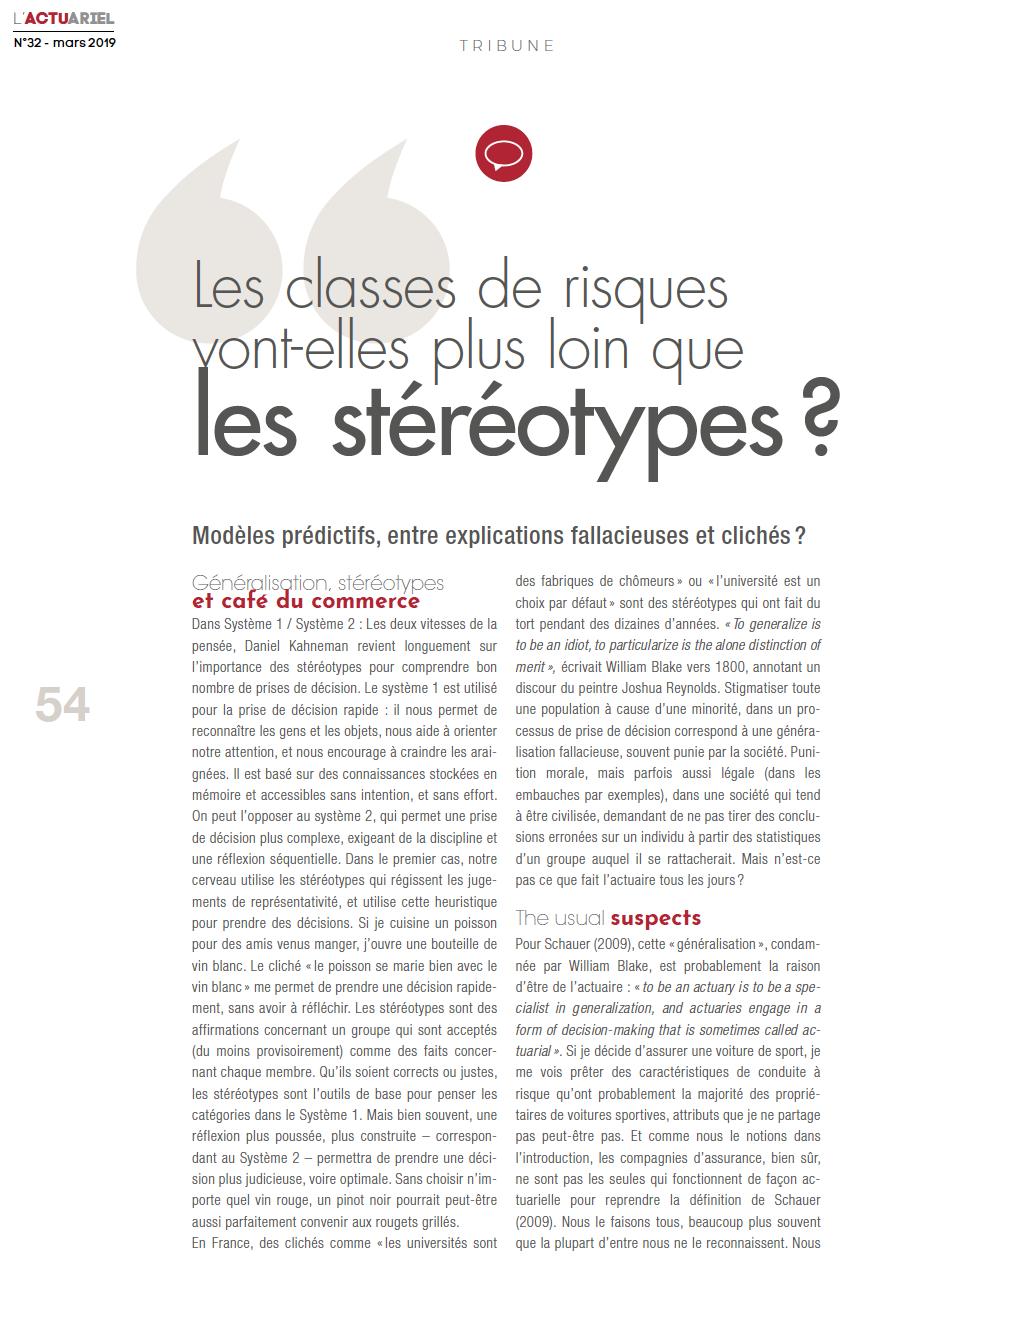 cb636f96f73 Les classes de risques vont-elles plus loin que les stéréotypes